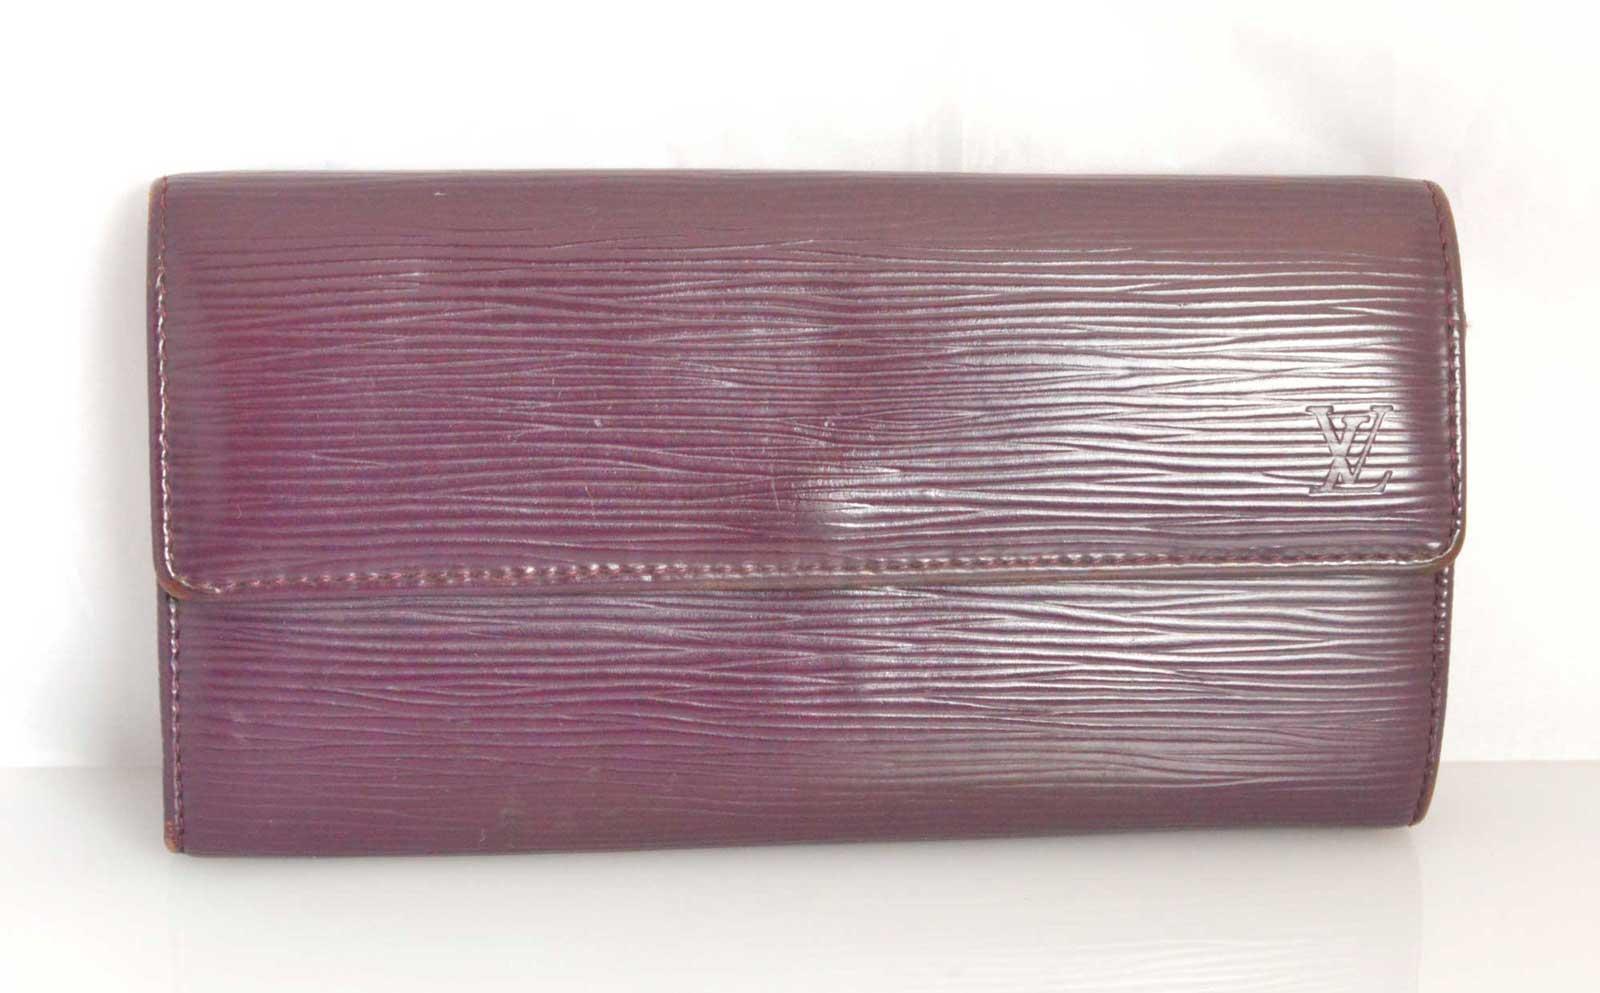 (2093) 【ルイ・ヴィトン】 ルイヴィトン エピ ポルトフォイユサラ М6374K 二つ折り長財布 [財布] 【中古】